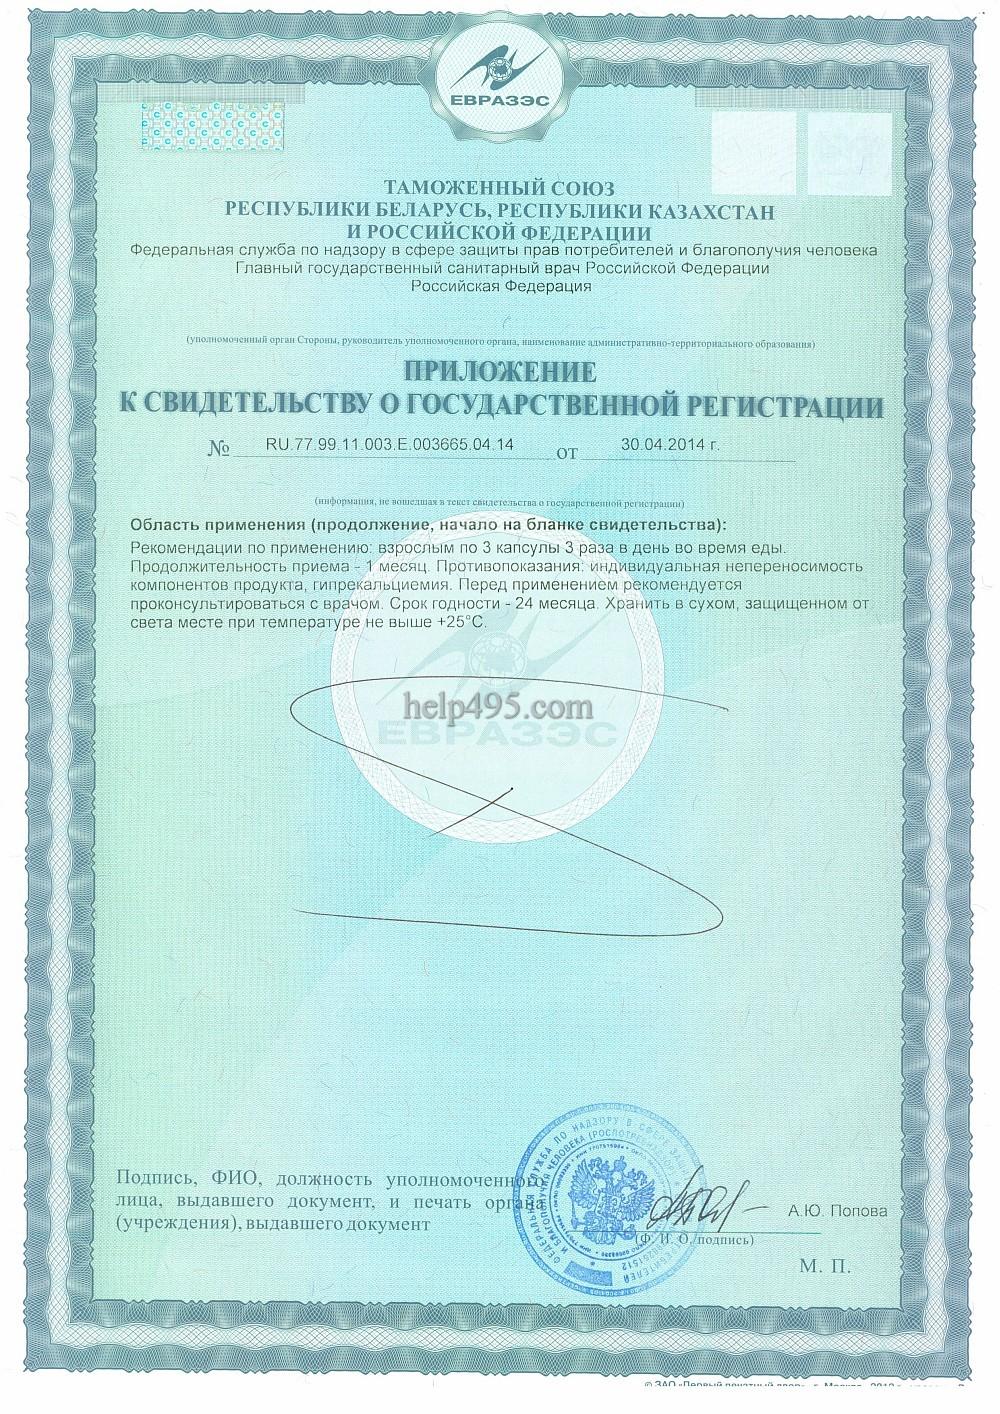 2-ая стр. сертификата препарата: Кальций Тяньши